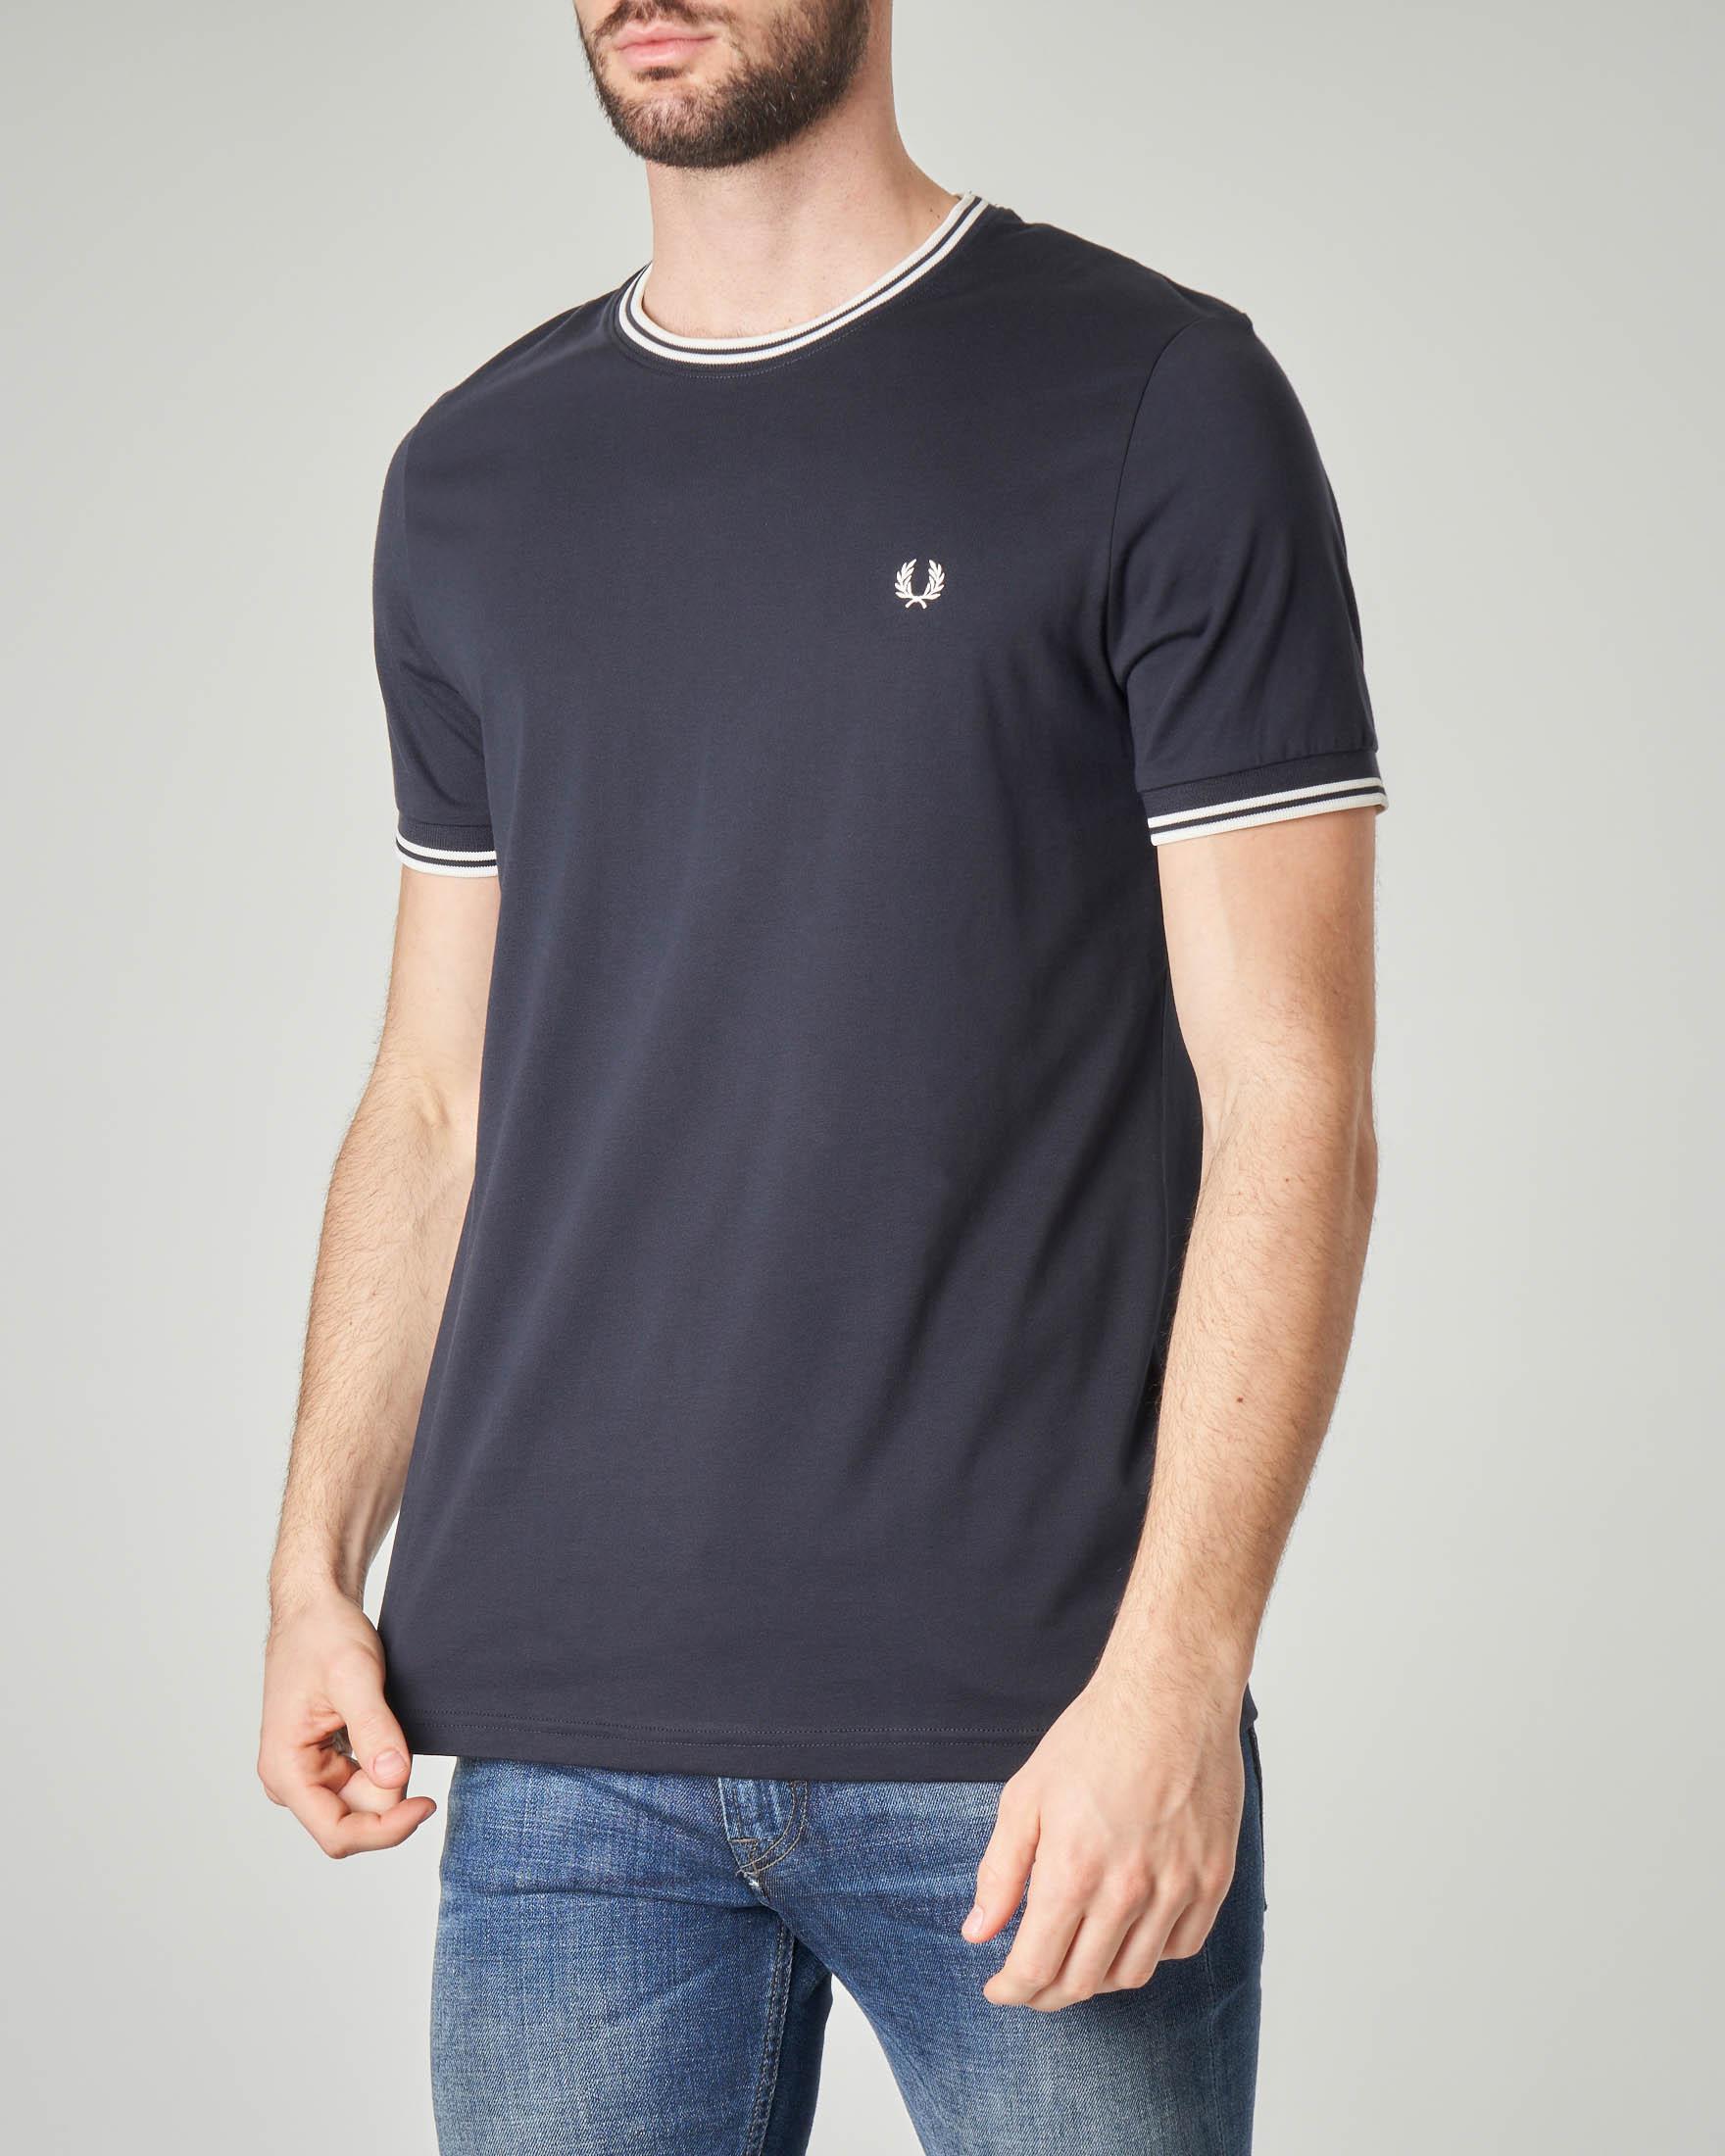 T-shirt blu con bordino bianco su collo e maniche